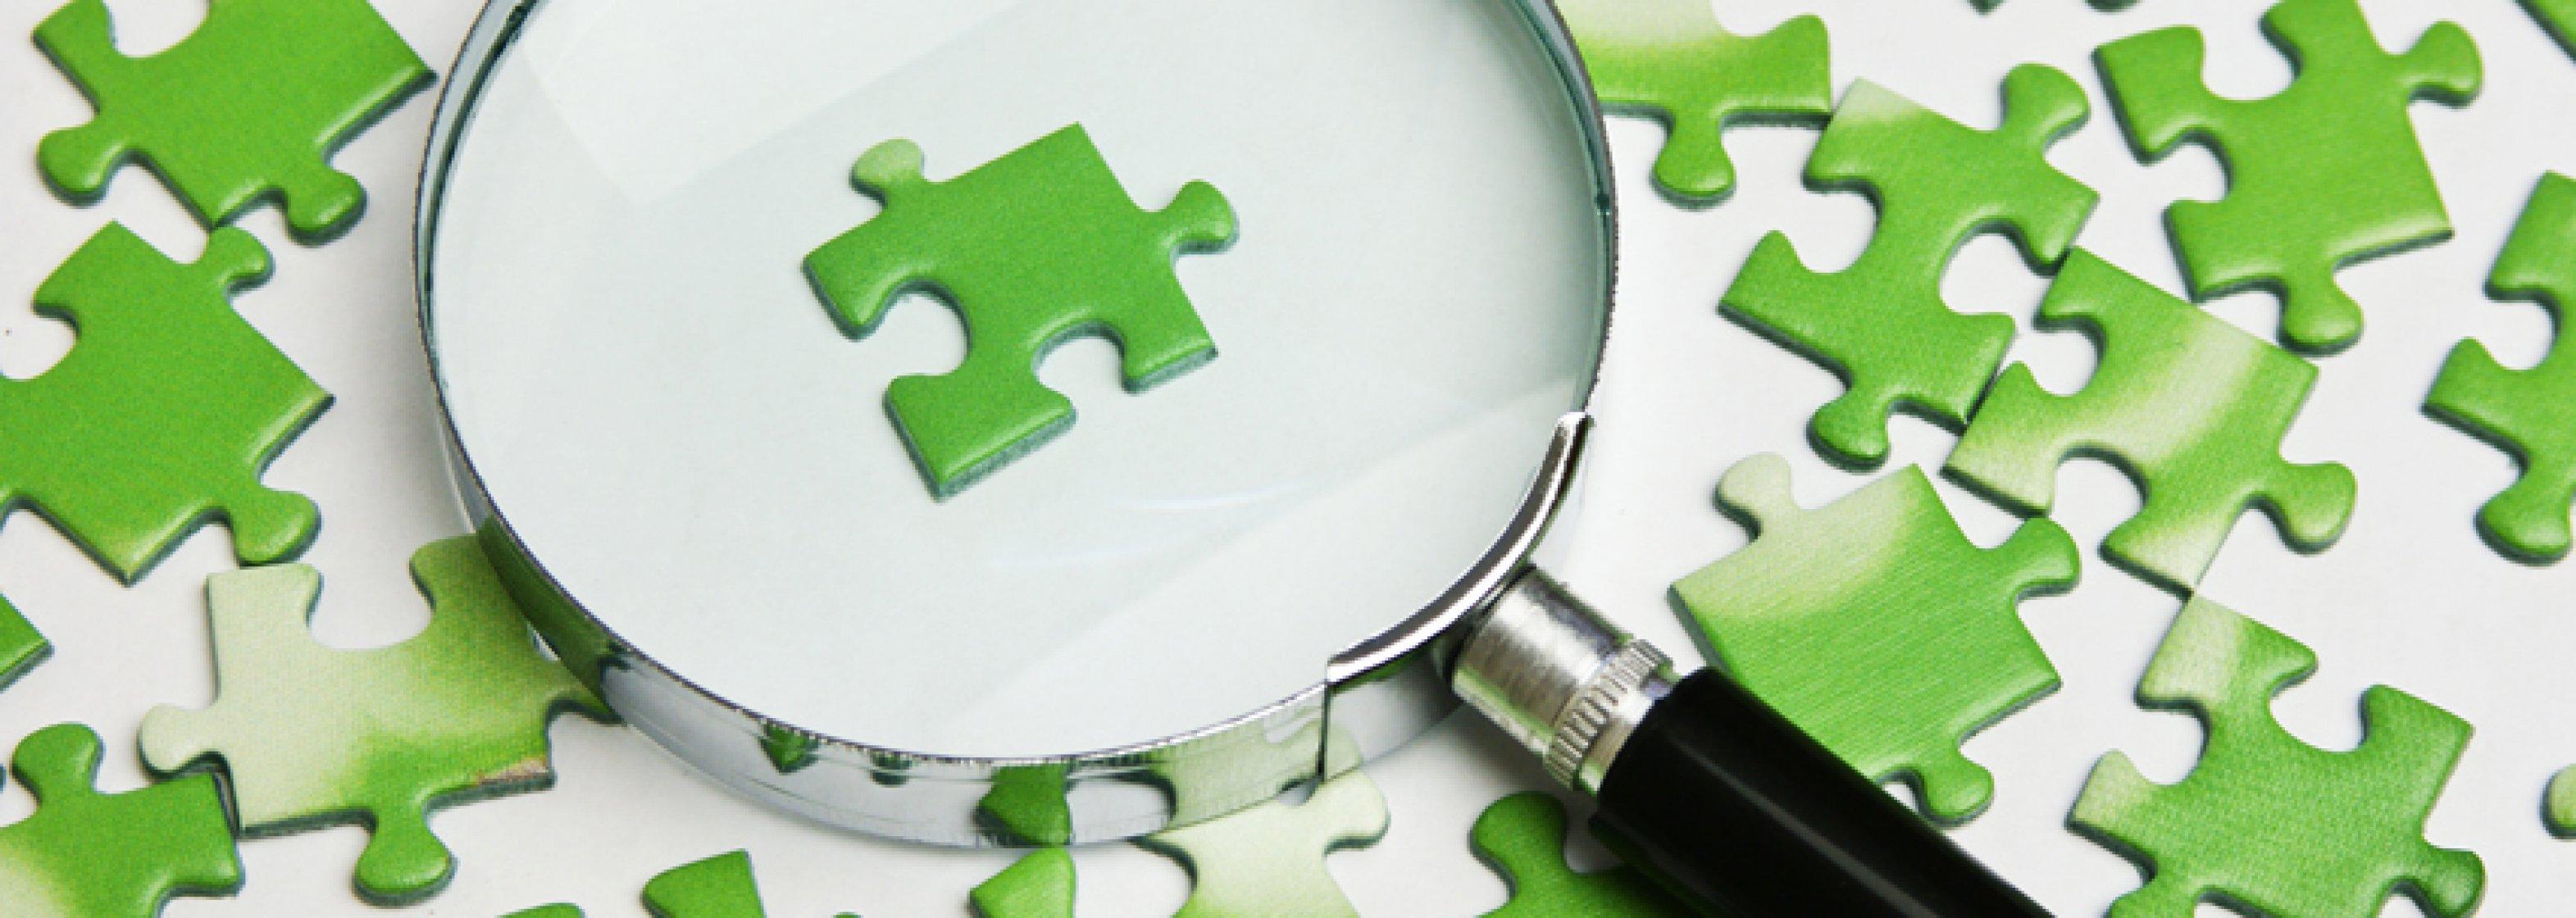 Lupe mit grünen Puzzle-Teilen